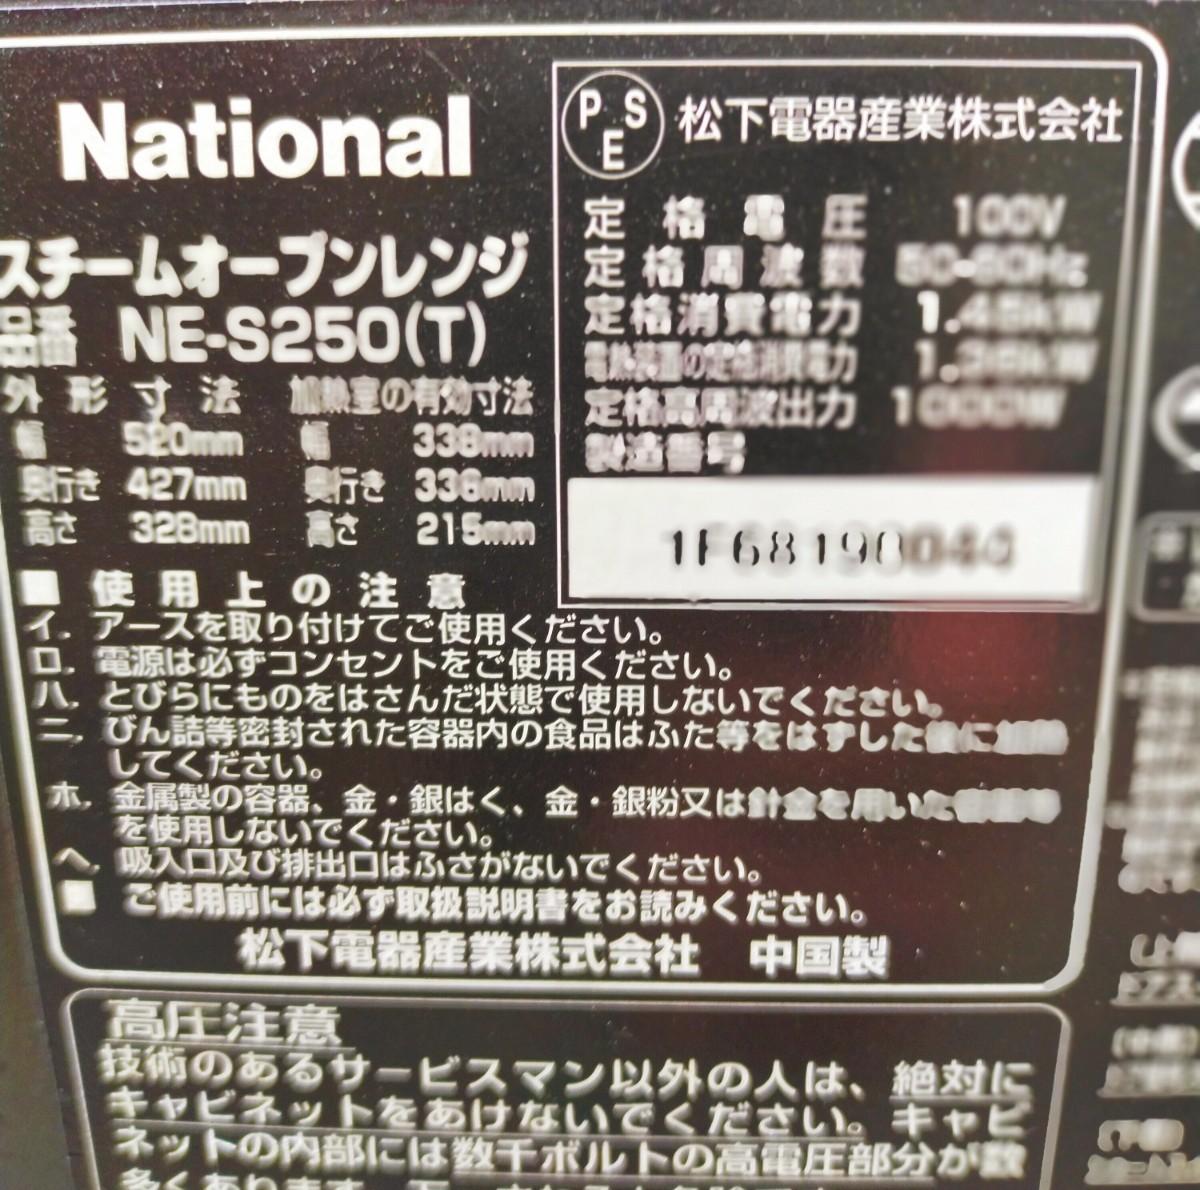 nationalスチームオーブンレンジ NE-S250 25L  520×427(469)×328mm質量15.5kg ブラウン